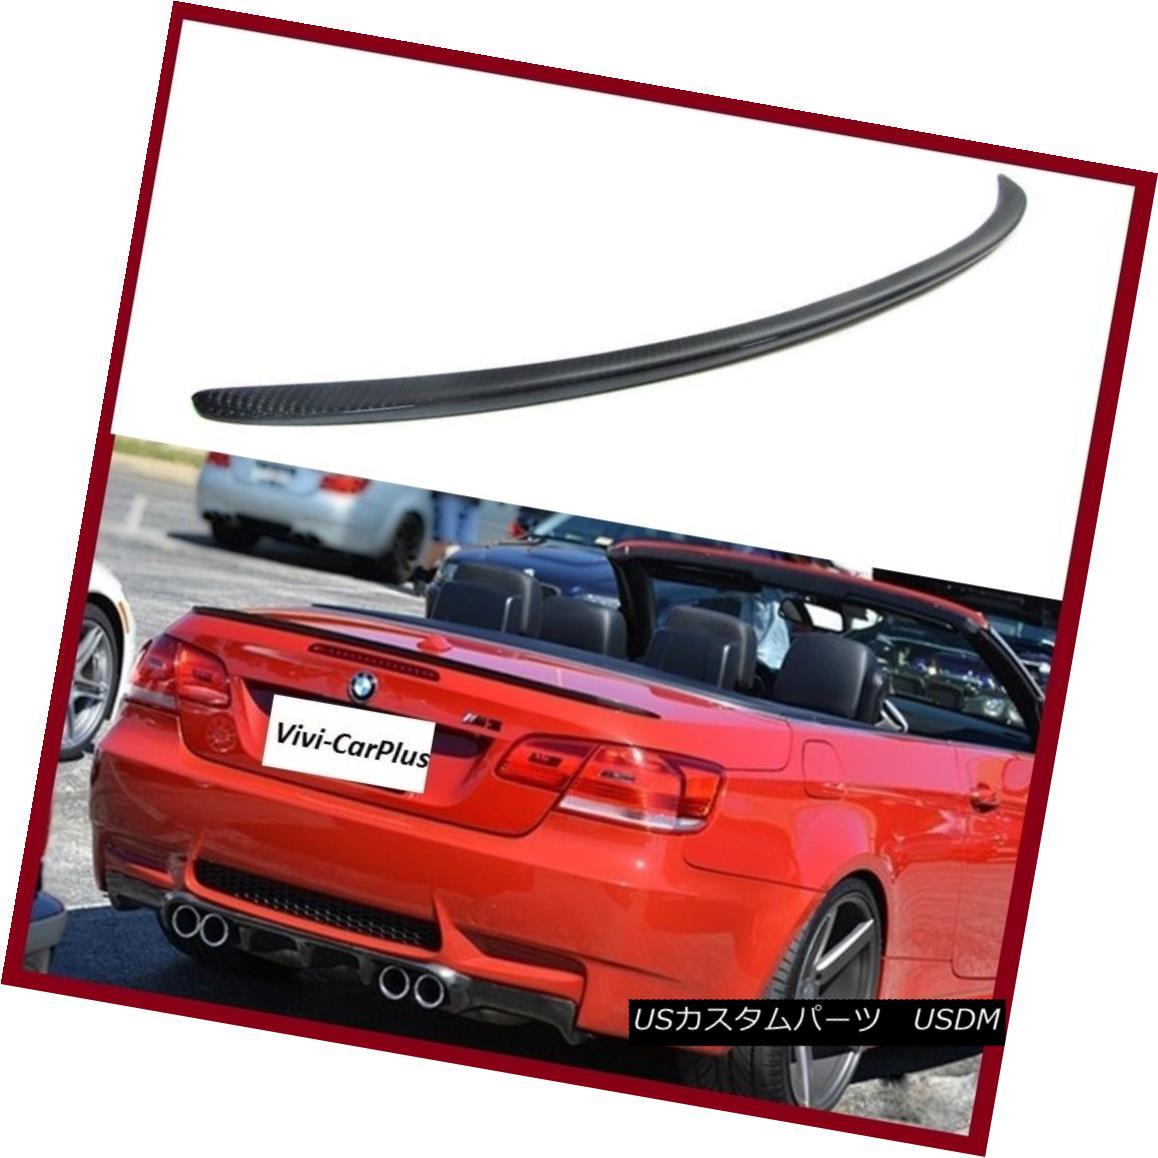 エアロパーツ 07-13 BMW E93 3 Series M3 328i 335i M3 Type Trunk Spoiler Carbon Fiber Wing Lips 07-13 BMW E93 3シリーズM3 328i 335i M3タイプトランクスポイラーカーボンファイバーウイングリップス